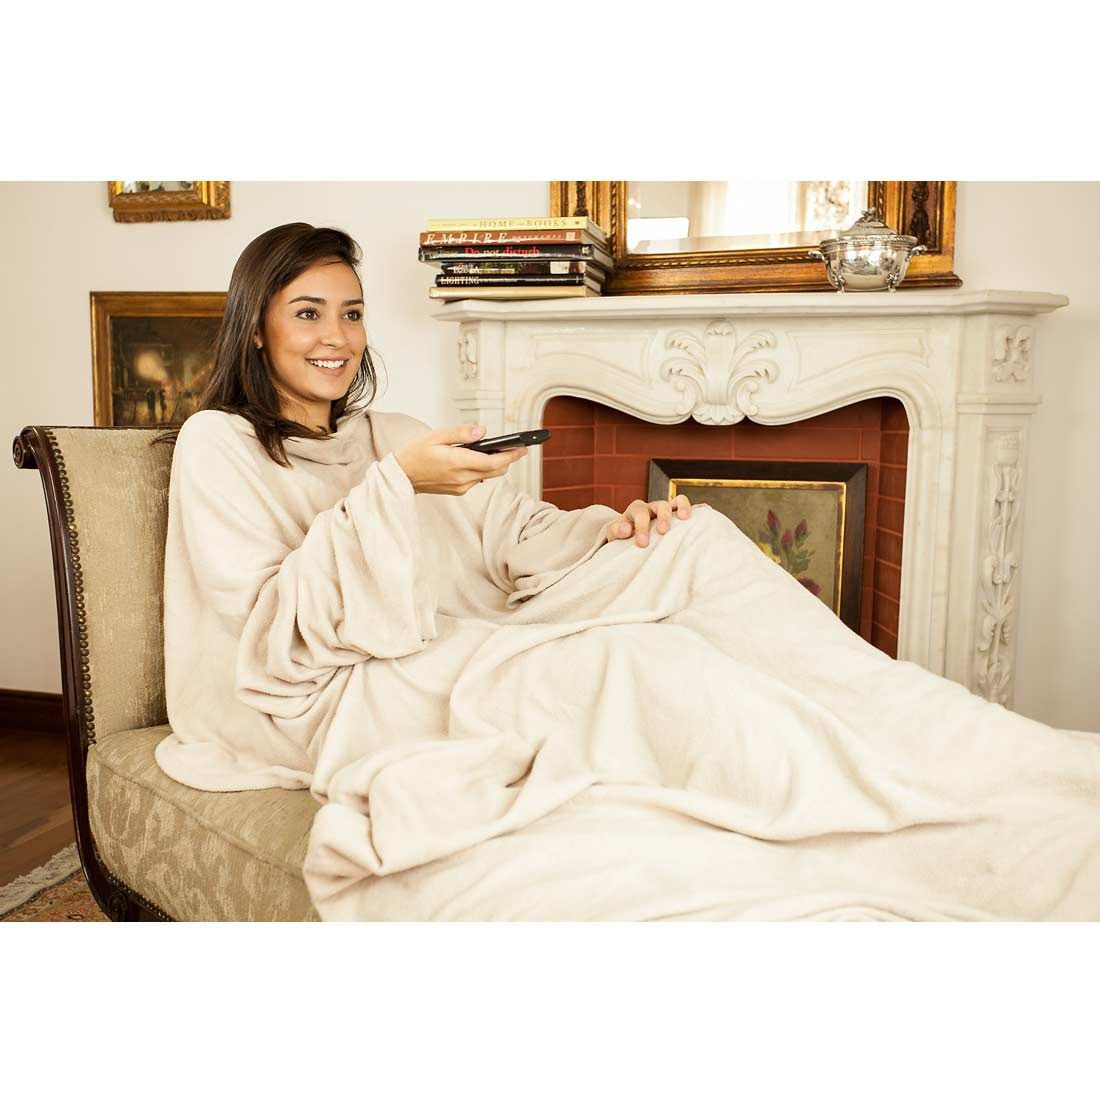 Cobertor Solteiro com Mangas TV Bege - Loani Presentes